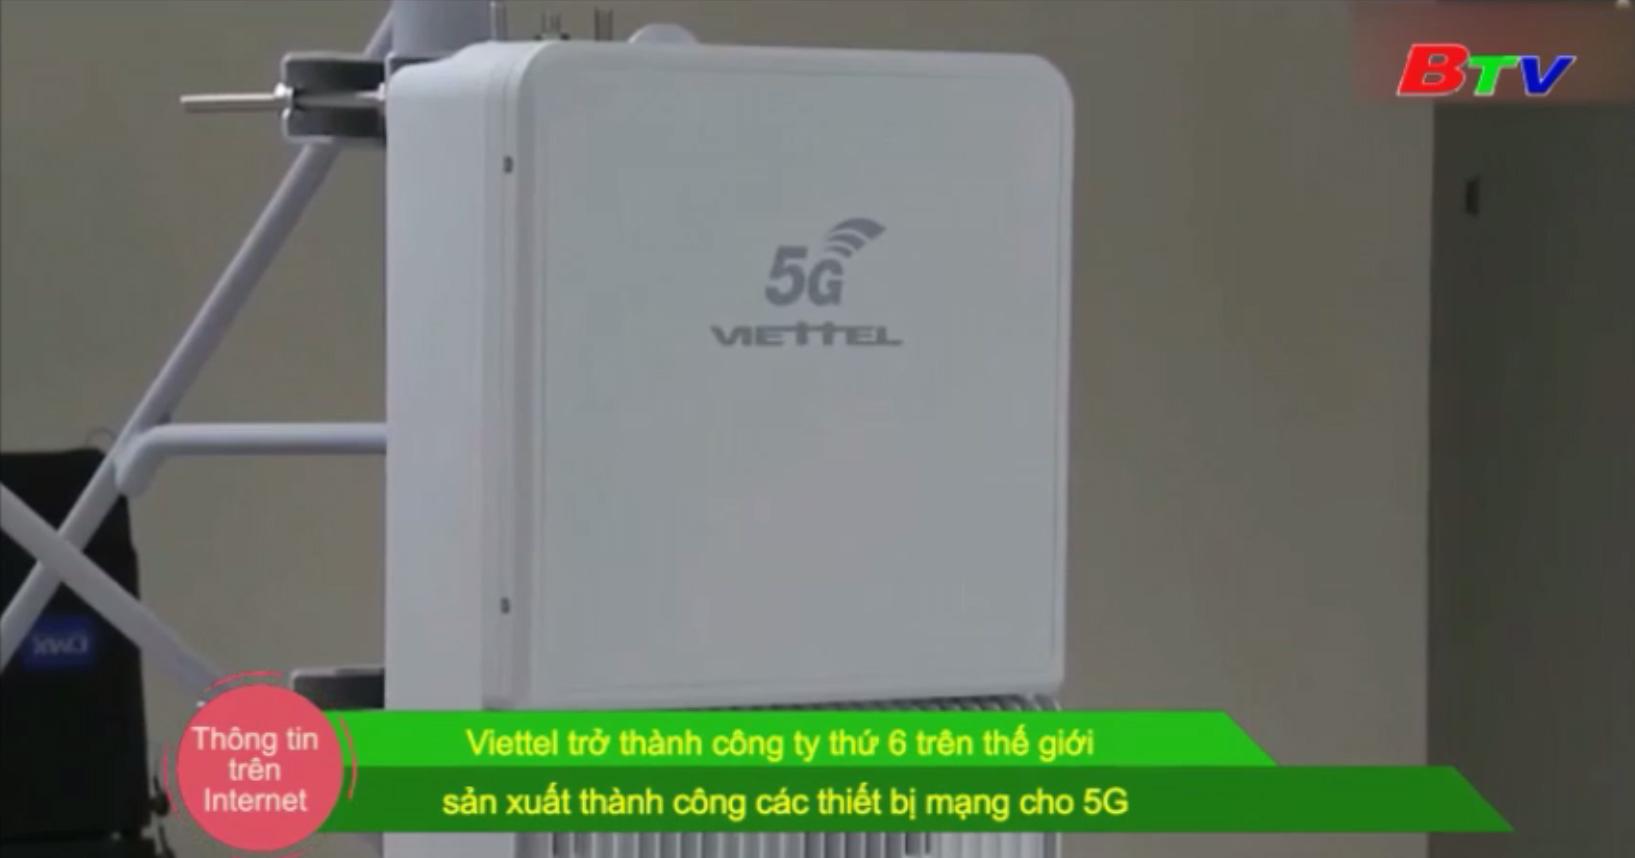 Viettel trở thành công ty thứ 6 trên thế giới sản xuất thành công các thiết bị mạng cho 5G